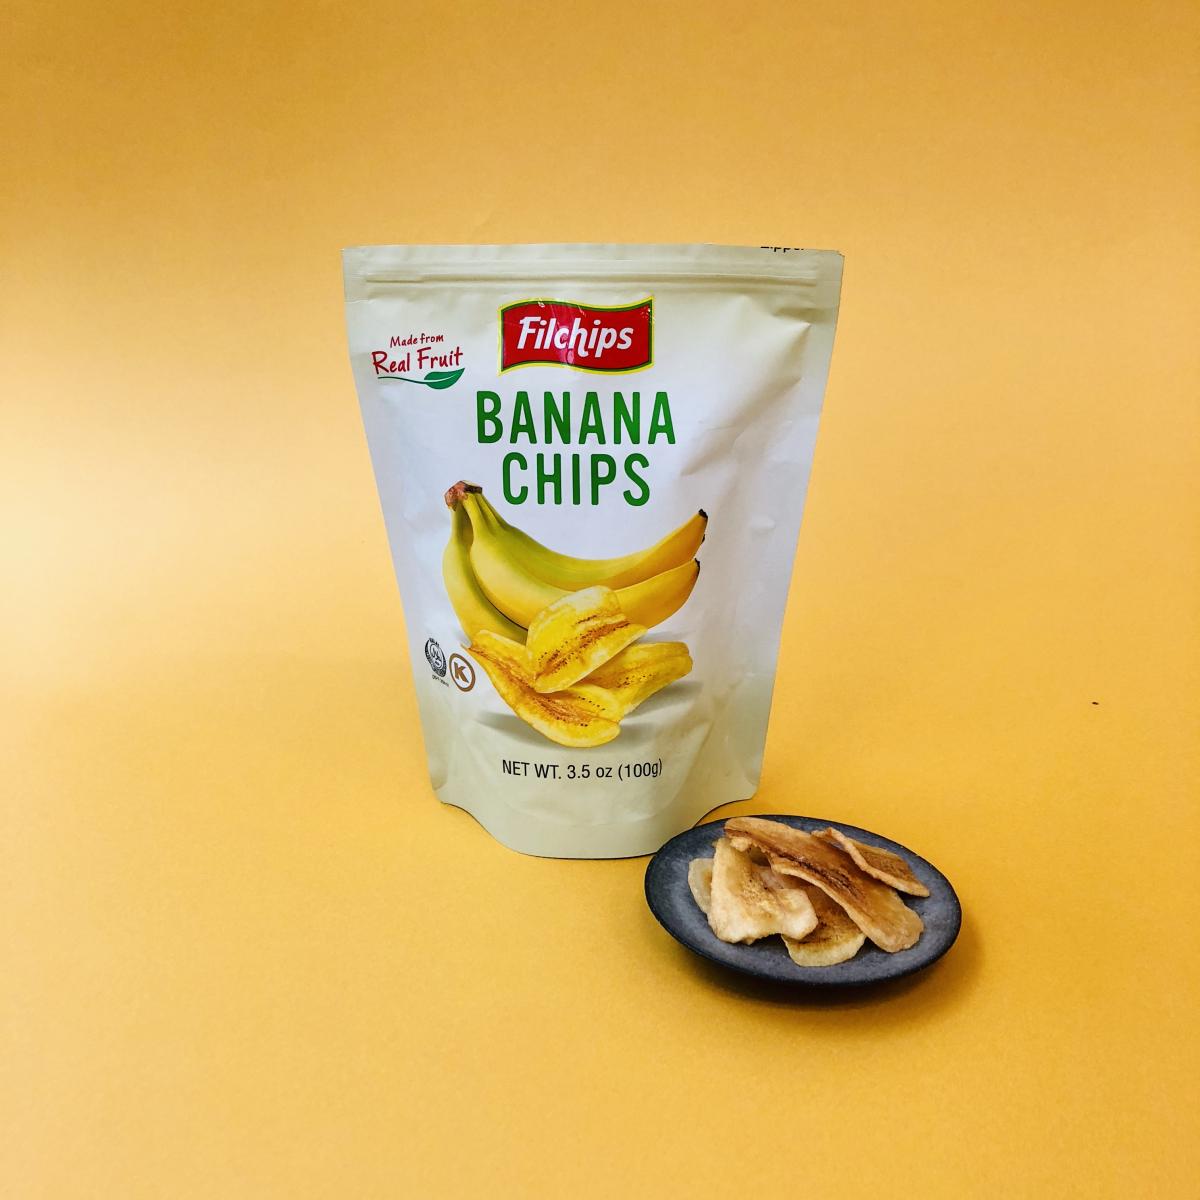 「フィルチップス バナナチップス」。100g299円。成城石井直輸入商品だそう